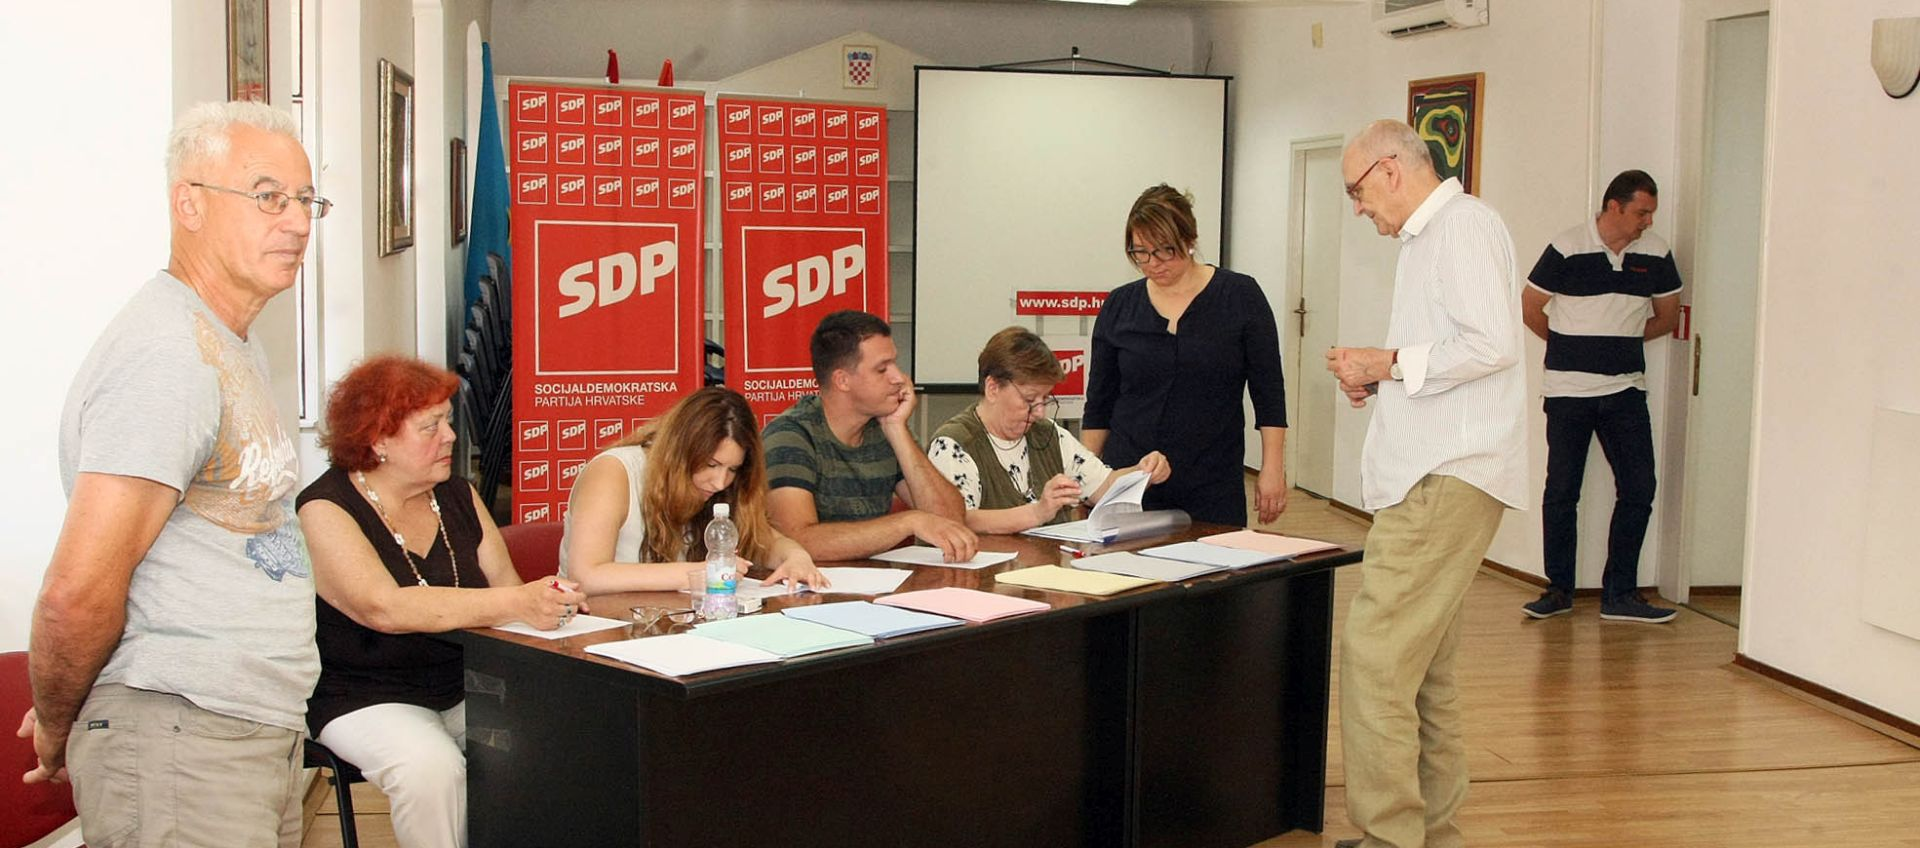 LOKALNI IZBORI U SDP-U Bernardićevi pobornici i oponenti za sada izjednačeni